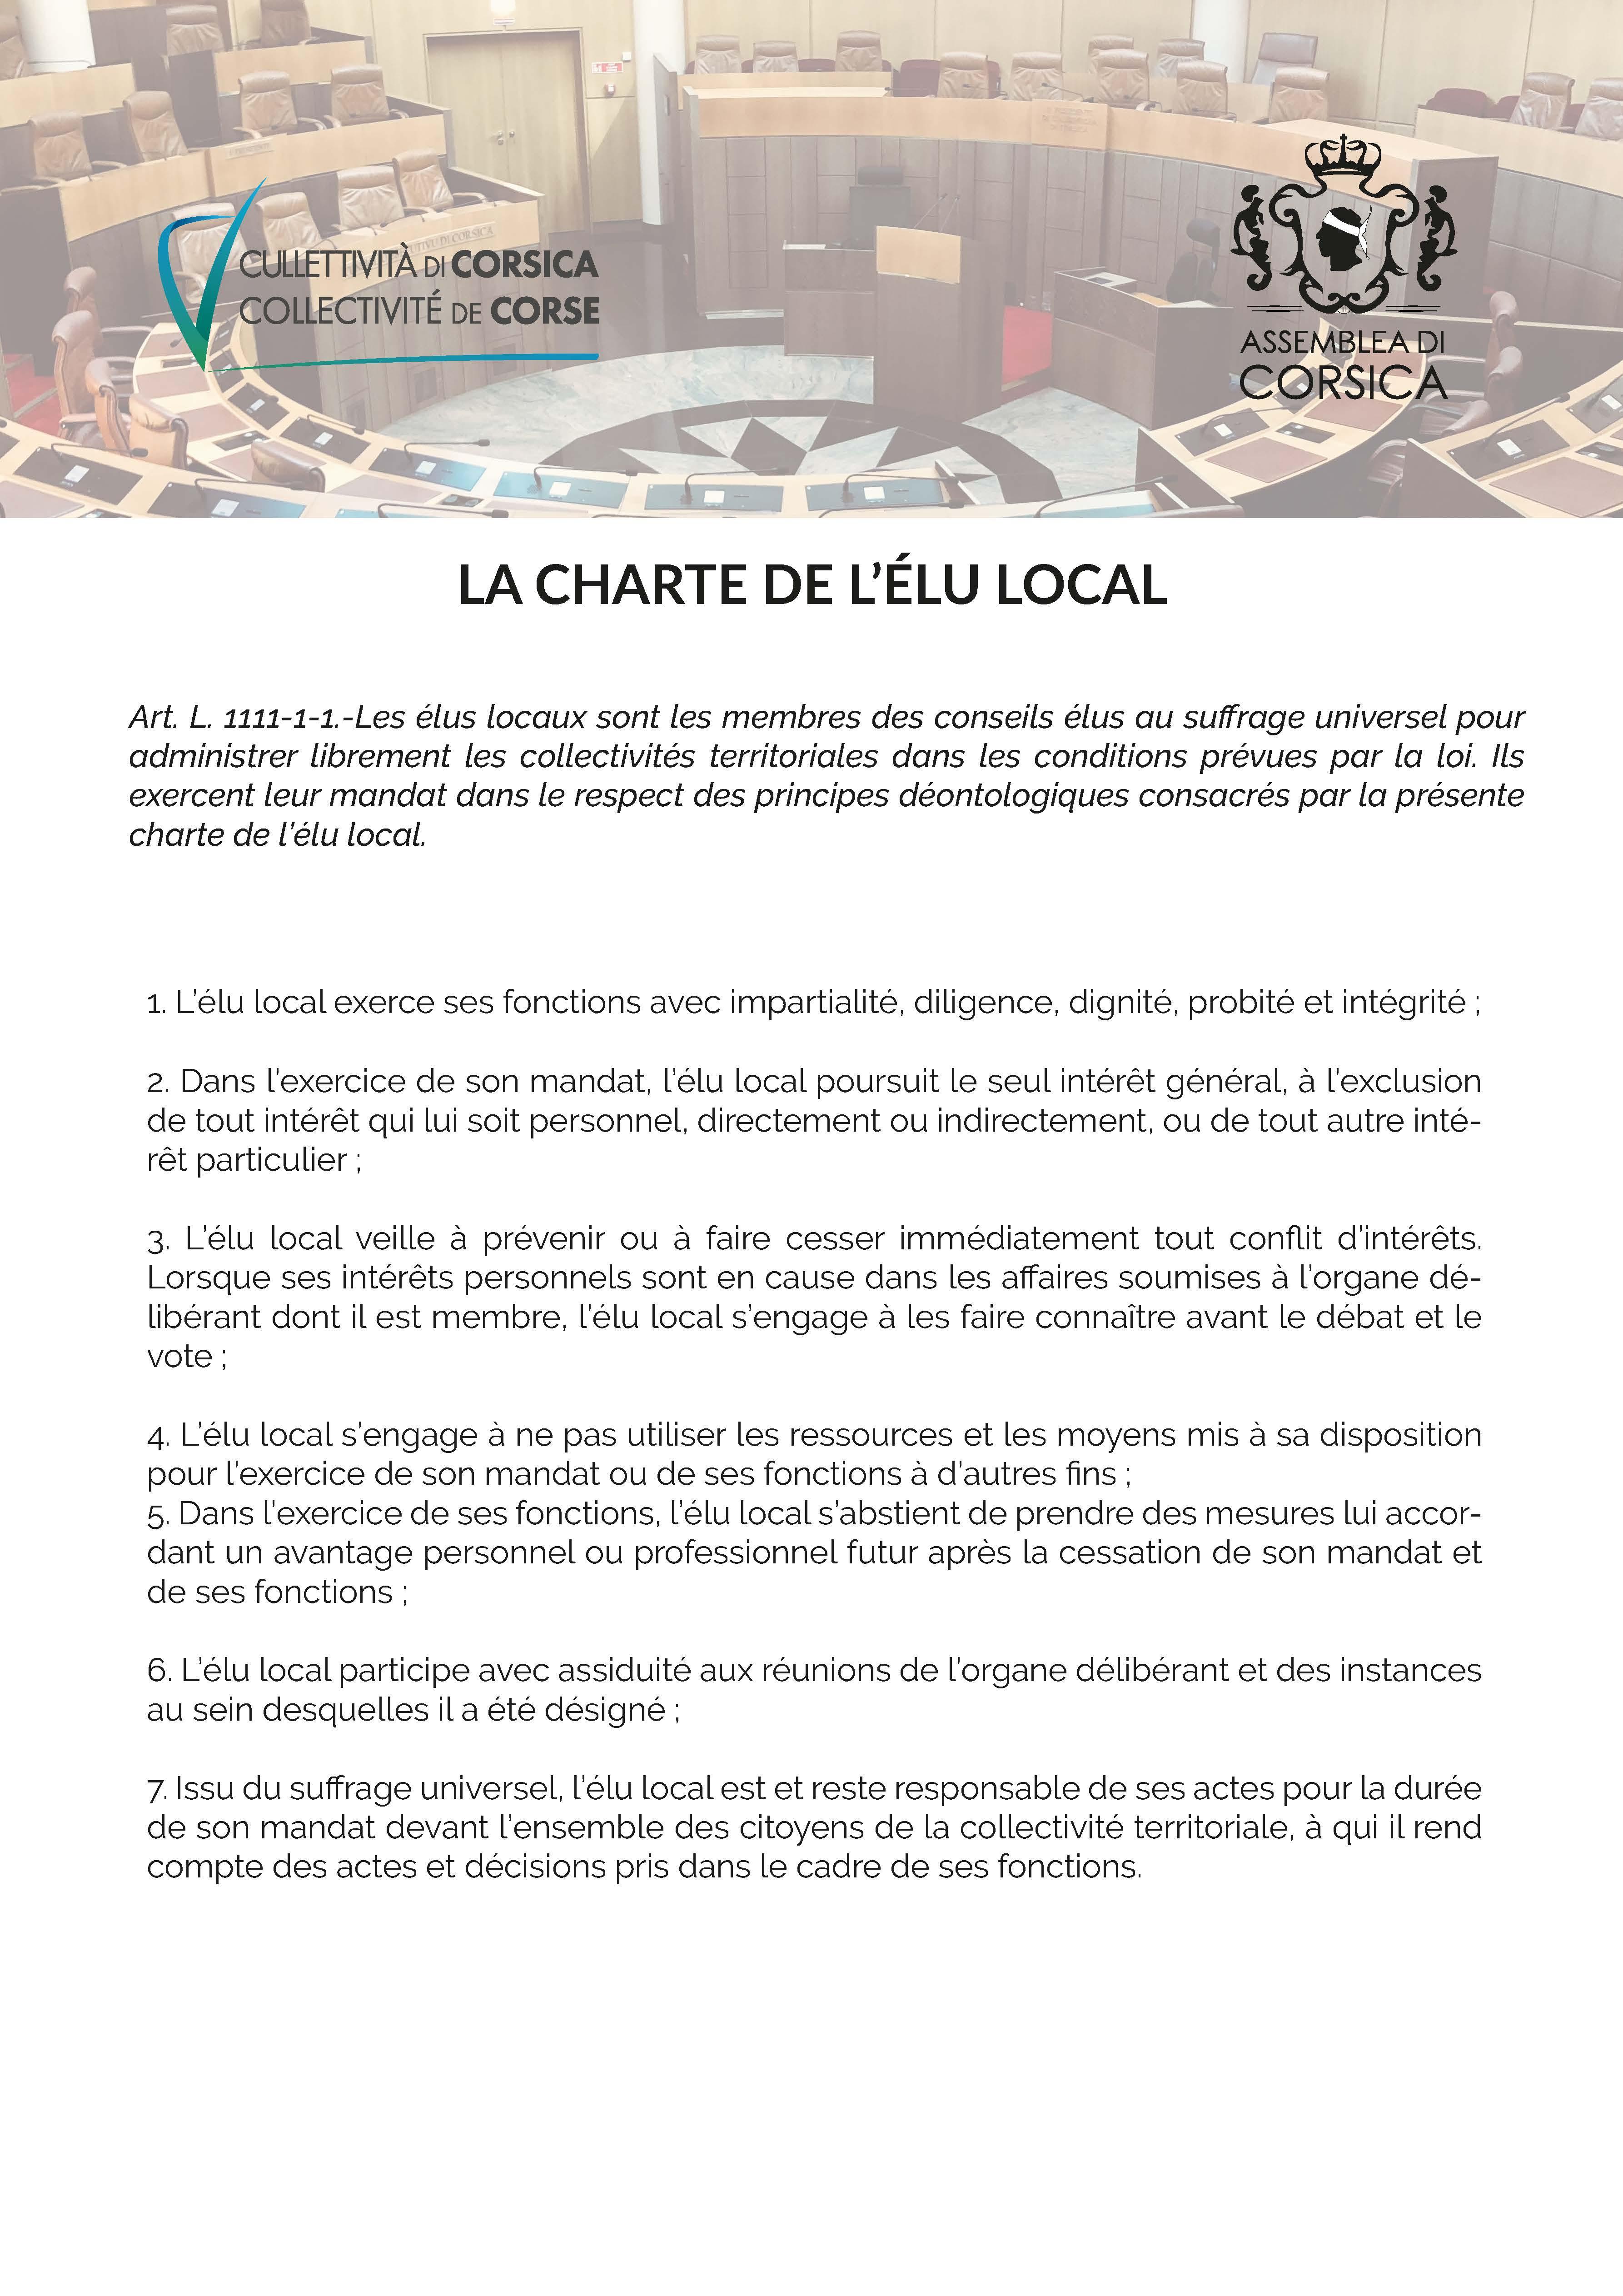 La charte de l'élu